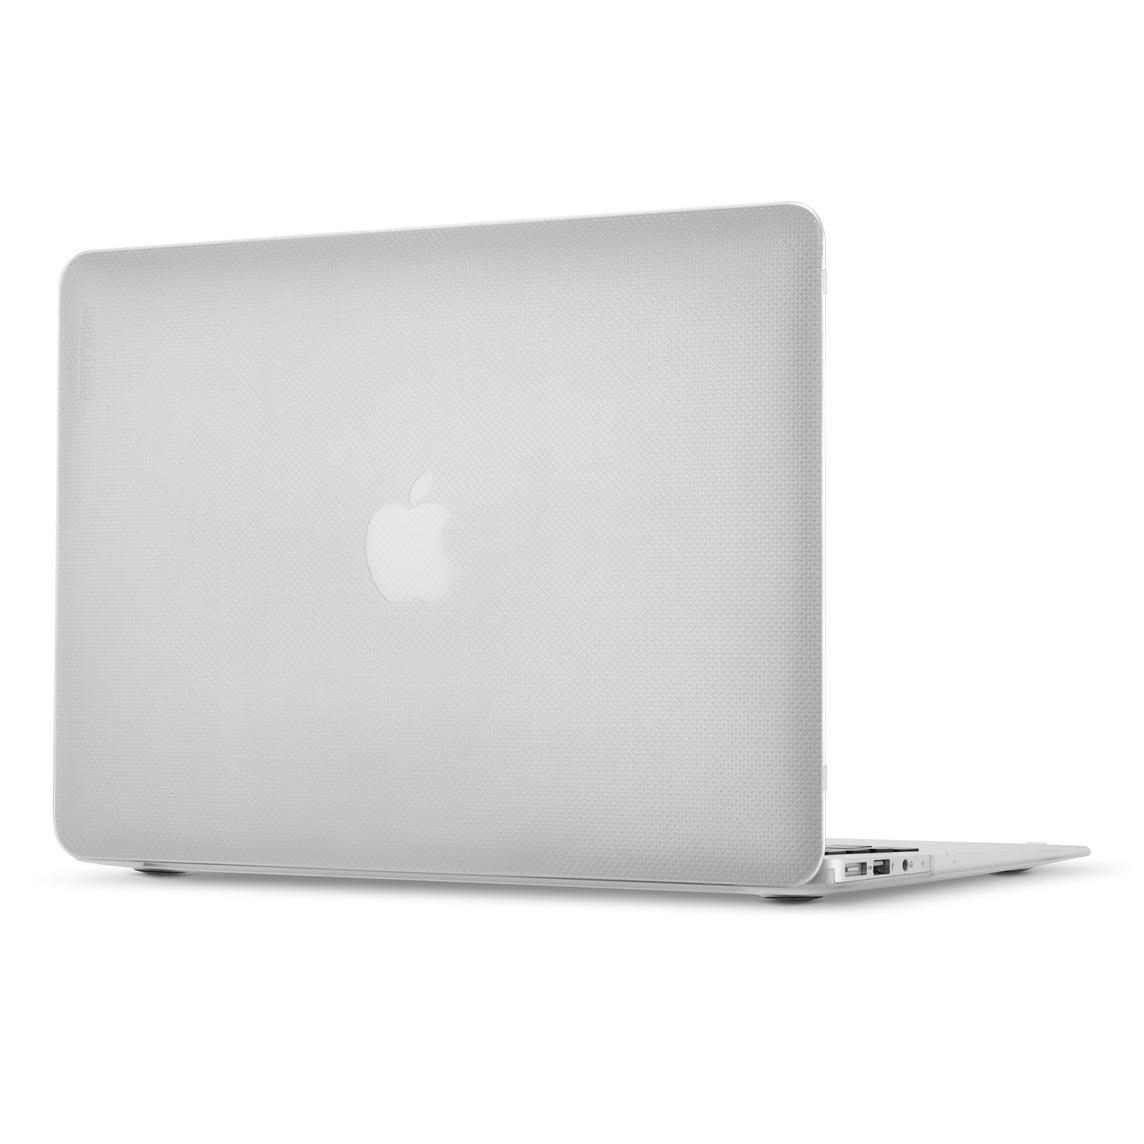 meet deb3b f34f9 Capa Incase Hardshell de 13 pol para MacBook Air